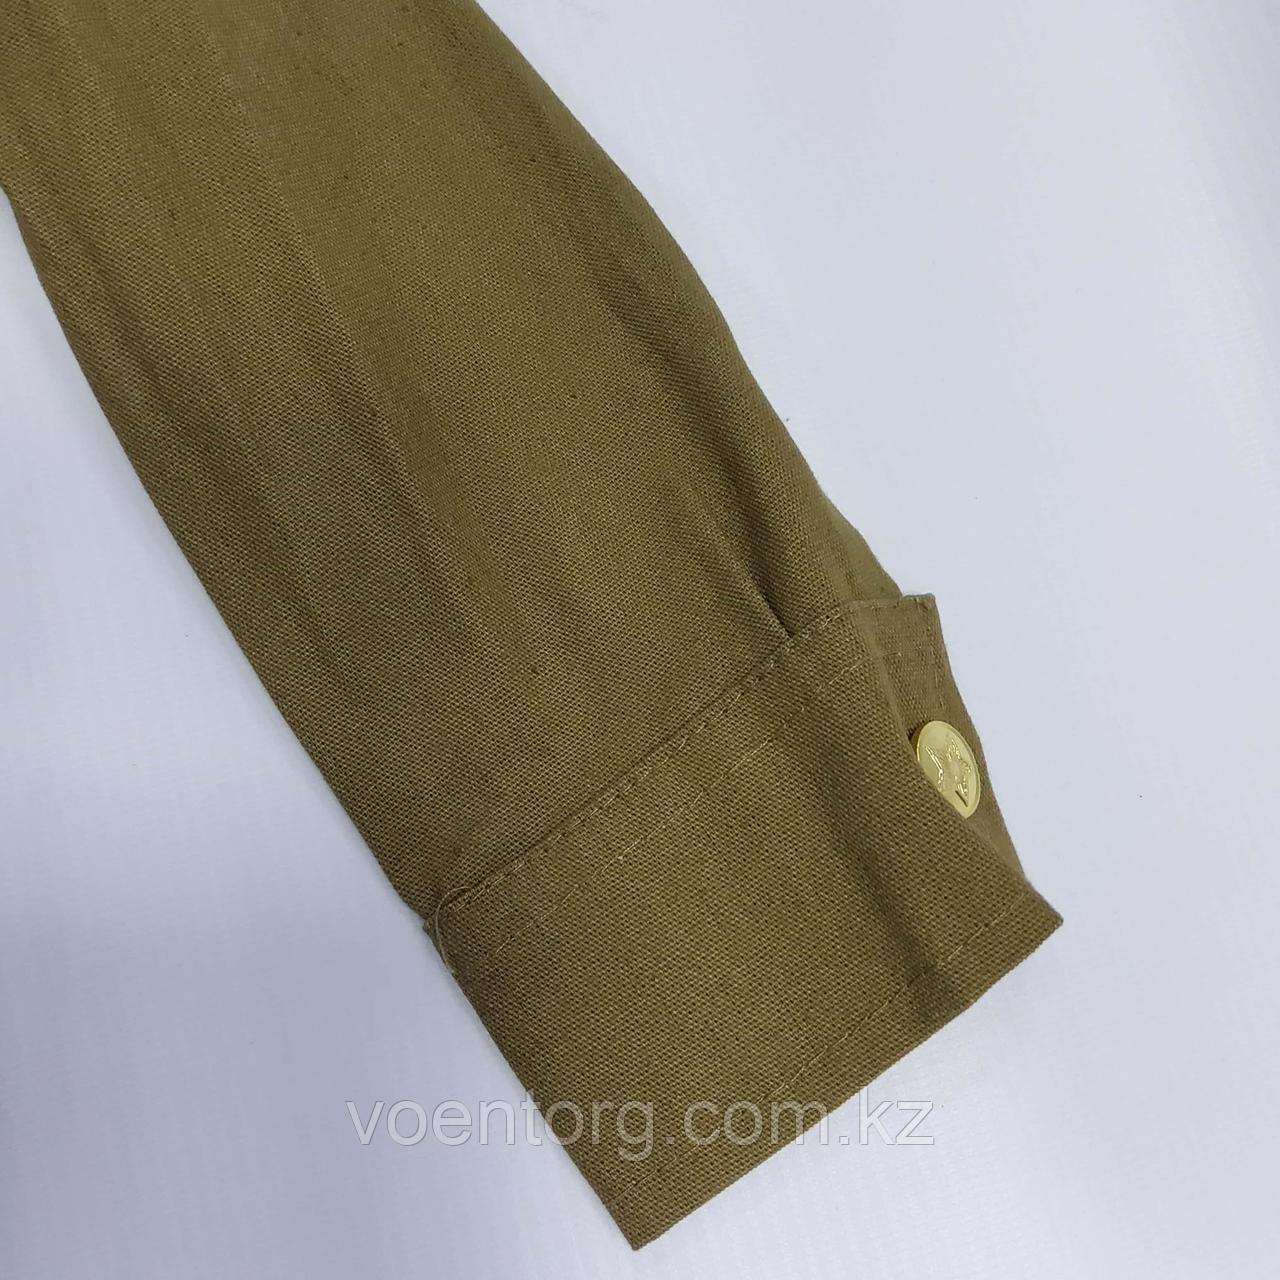 Детский военный костюм для мальчика - фото 5